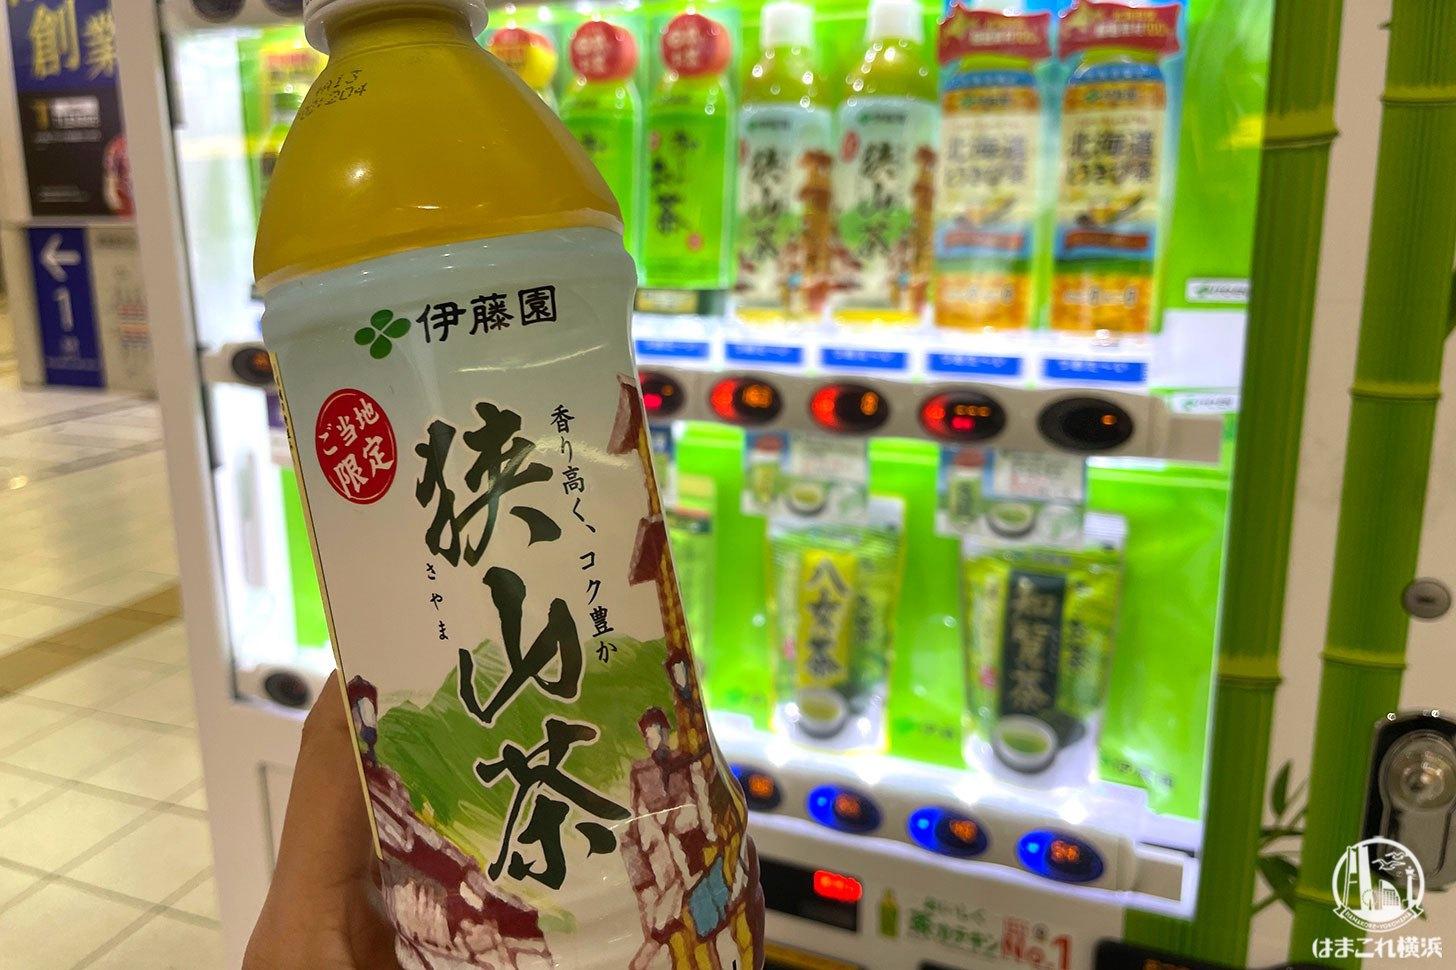 お茶に特化した自販機 購入した地域限定の商品